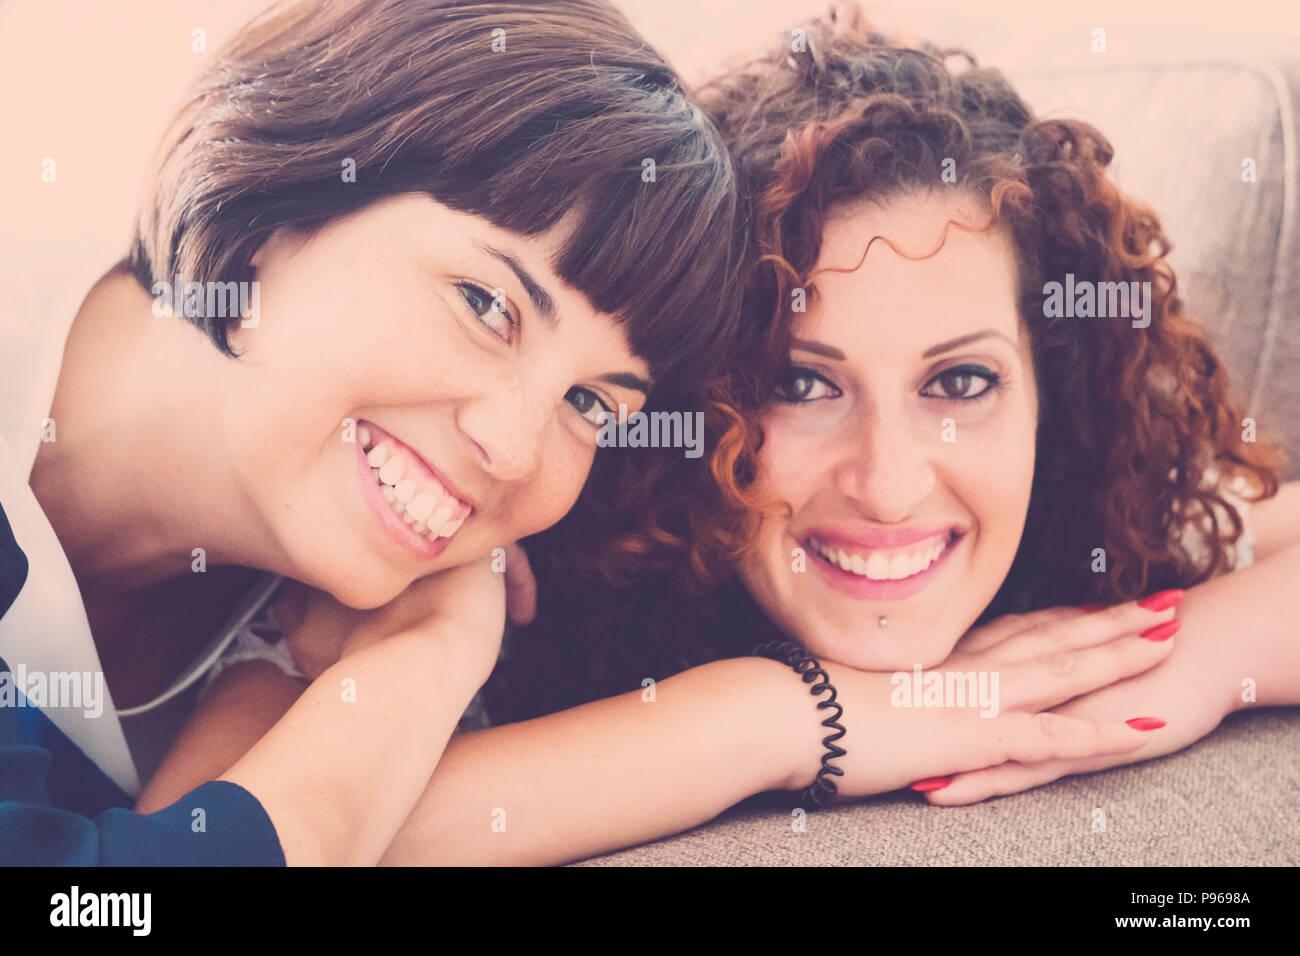 Beau temps et bonheur avec rire et sourire pour deux amis caucasiens fixer ensemble sur le canapé à la maison. L'amitié pour l'intérieur concept photo w Photo Stock